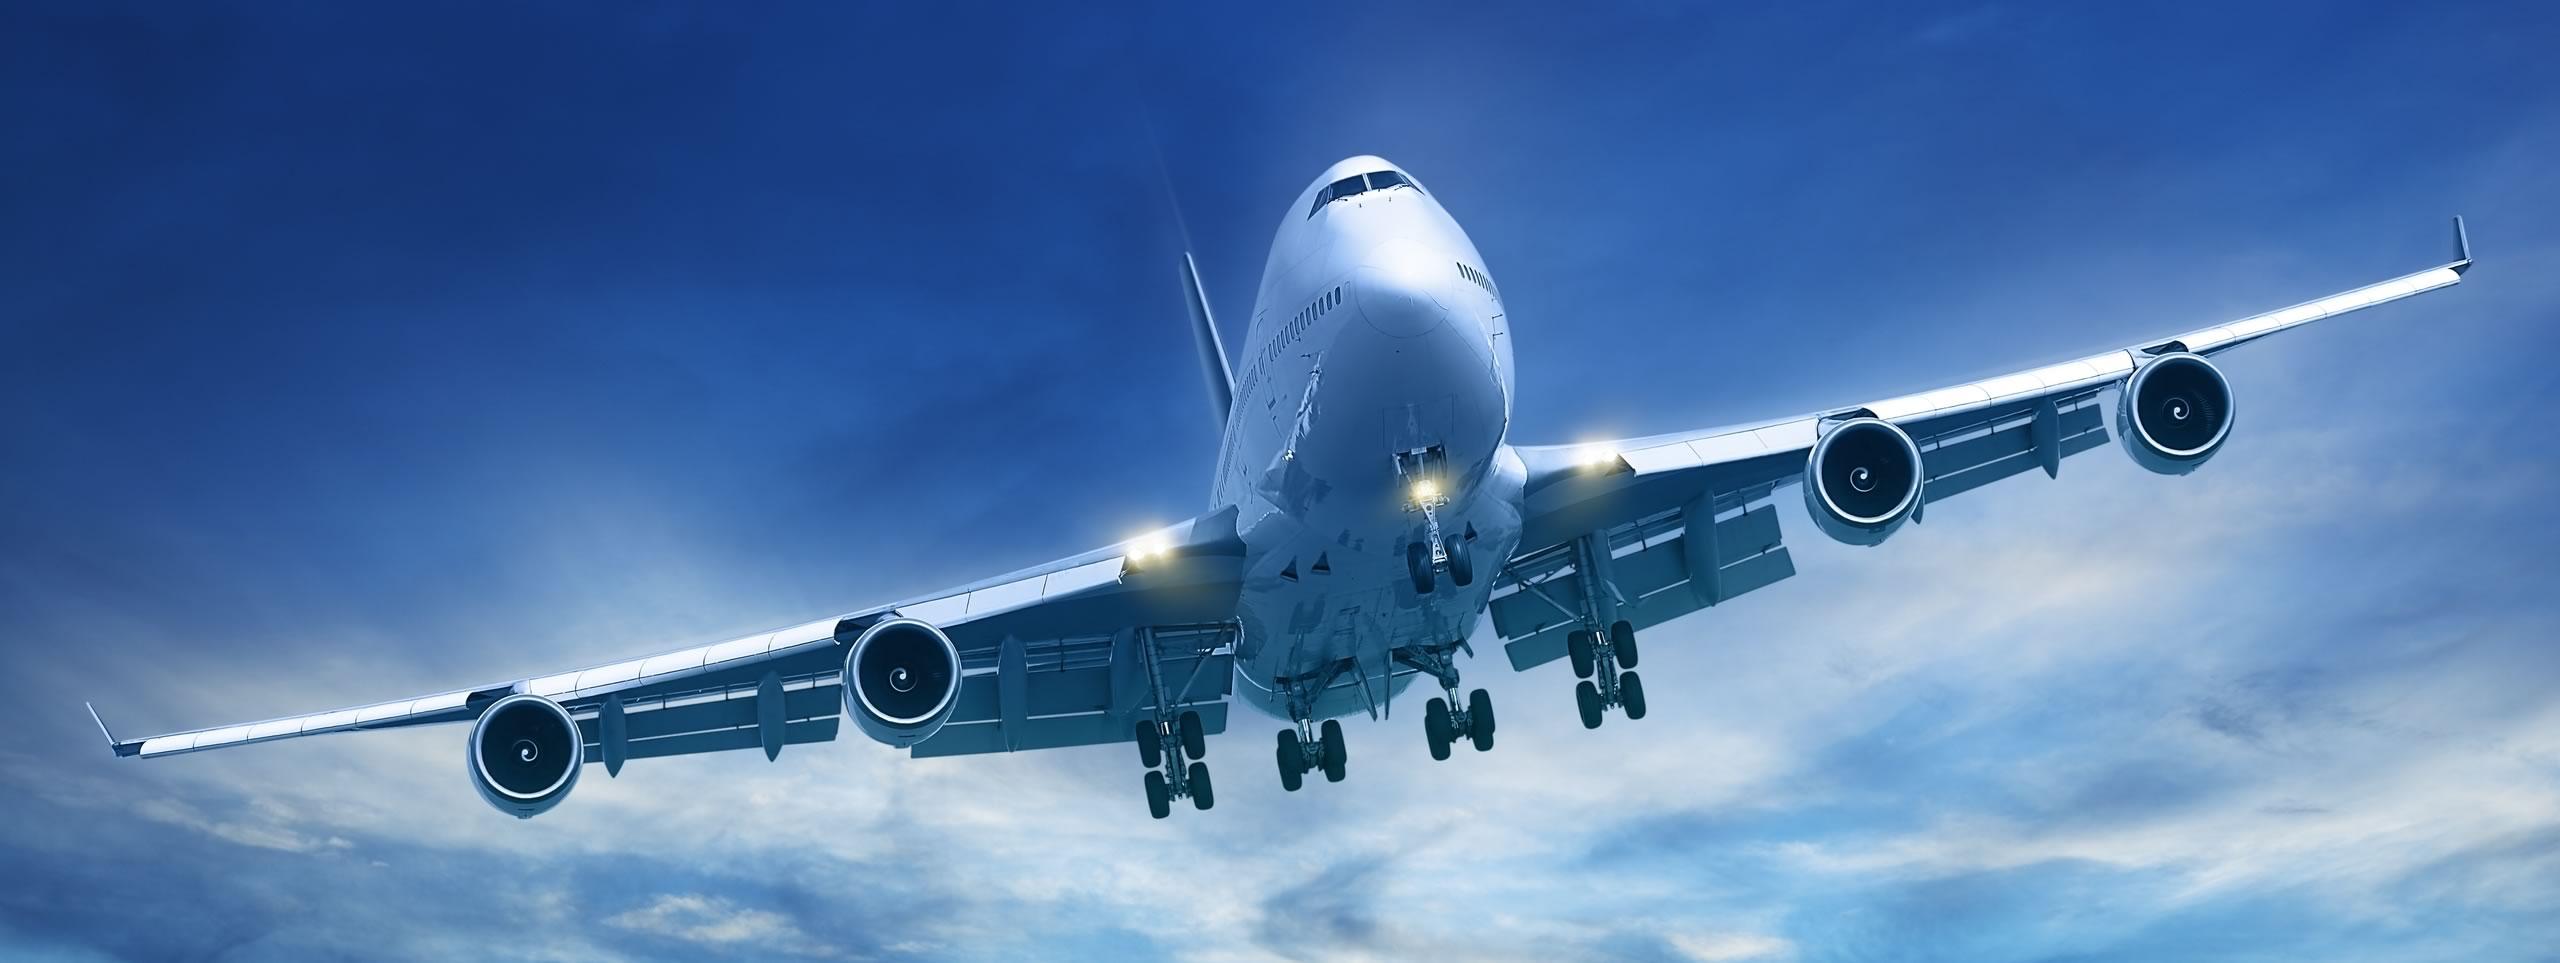 aviones-comerciales